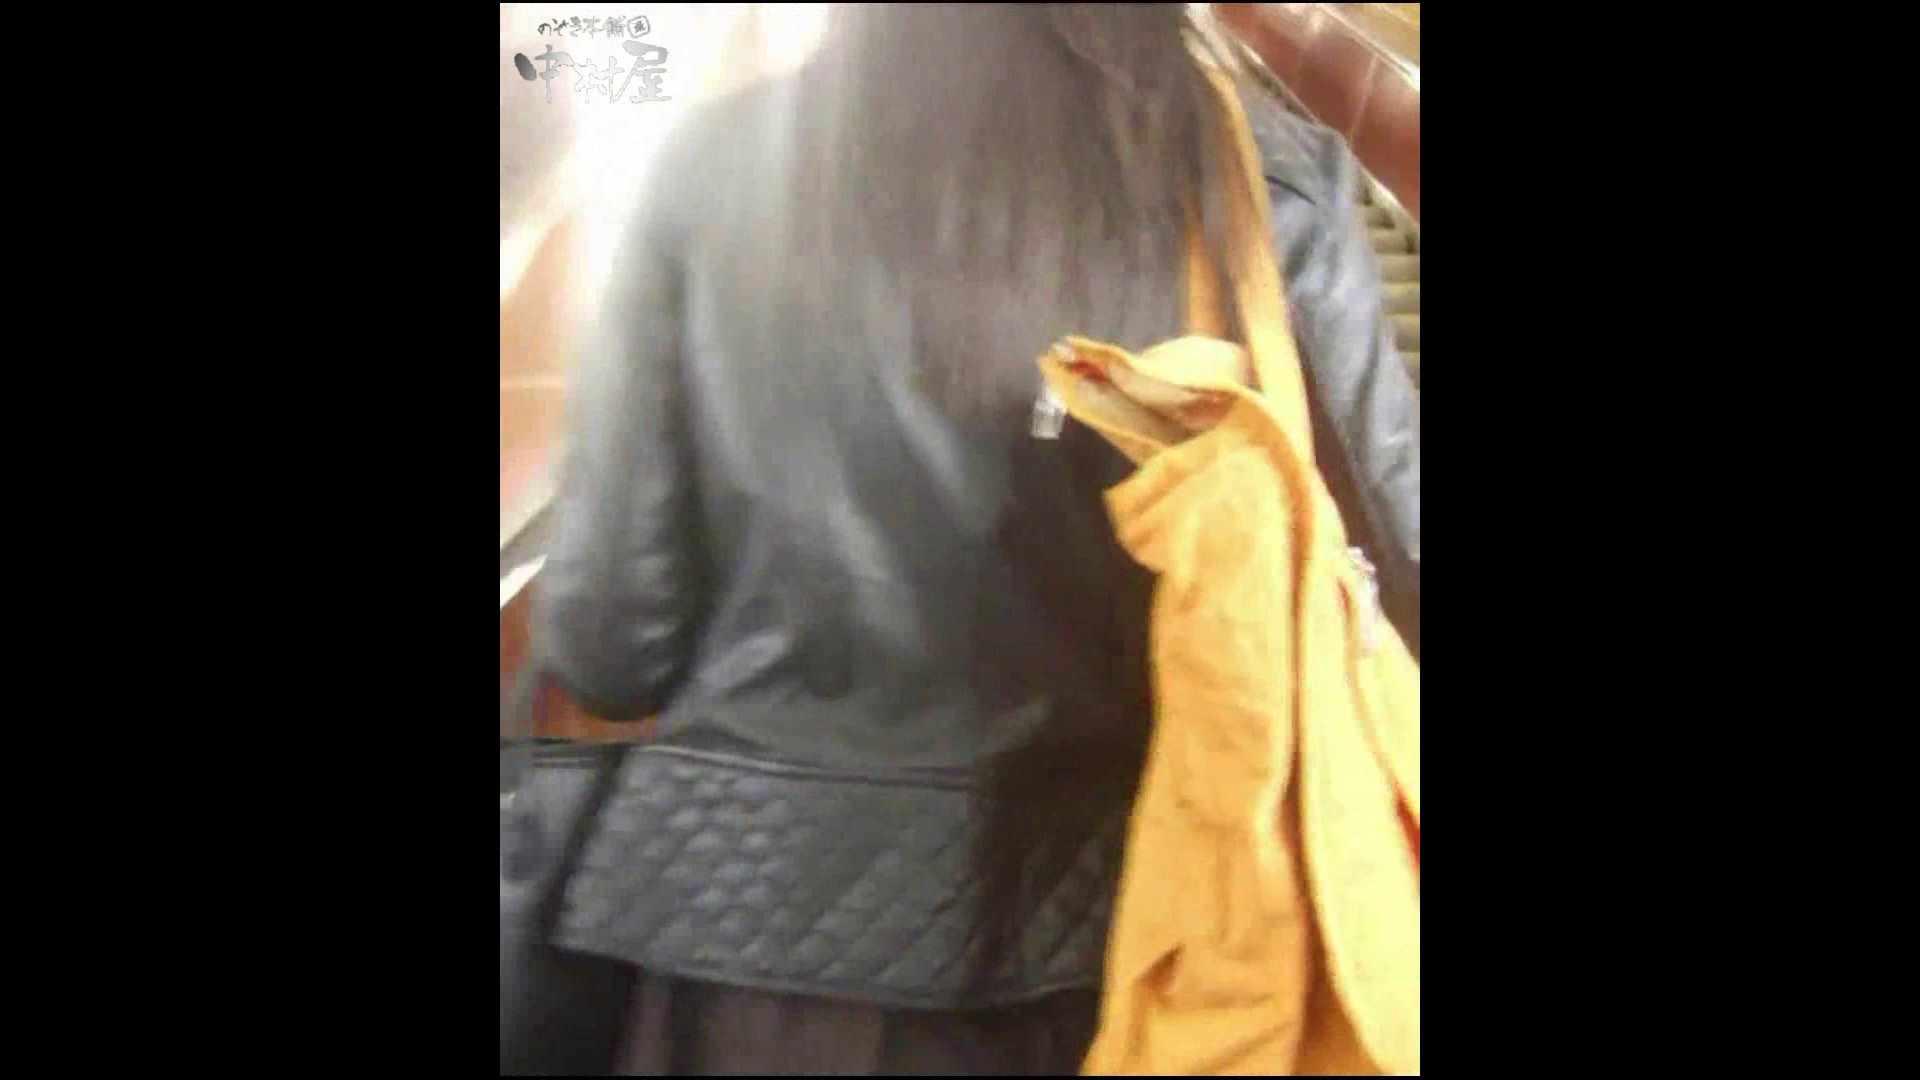 綺麗なモデルさんのスカート捲っちゃおう‼ vol12 モデルヌード   Hなお姉さん  93pic 57